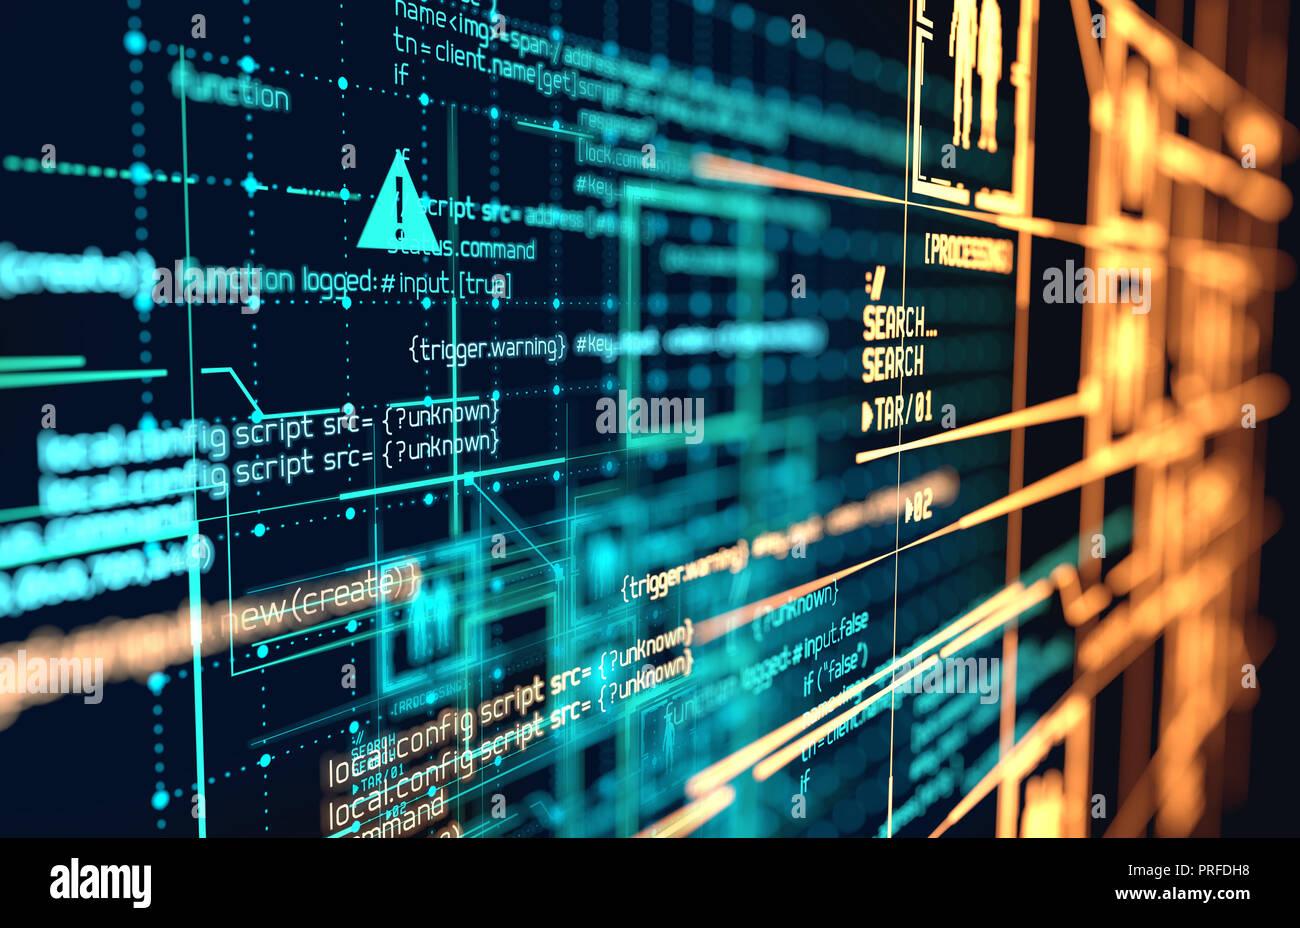 Le code de programmation futuriste et de grandes connexions de données et schémas de réseau. 3D illustration. Banque D'Images